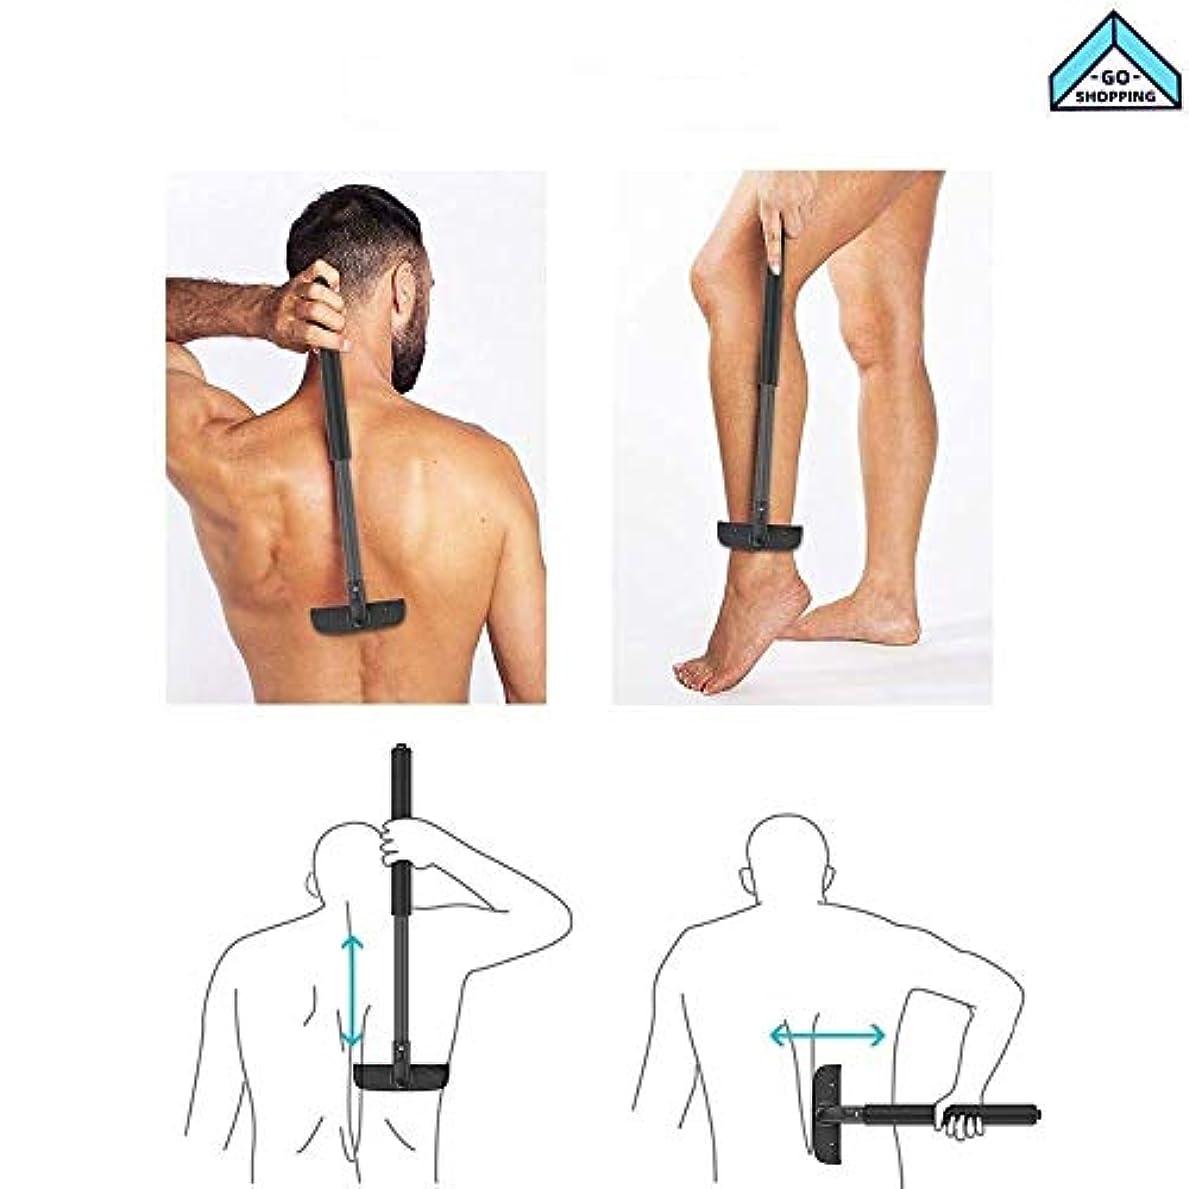 通り抜けるふけるロケーションNICEE拡張可能なハンドルの痛みのないひげを剃った男性のための背中の脱毛使いやすい乾湿両方の背中の脱毛剤